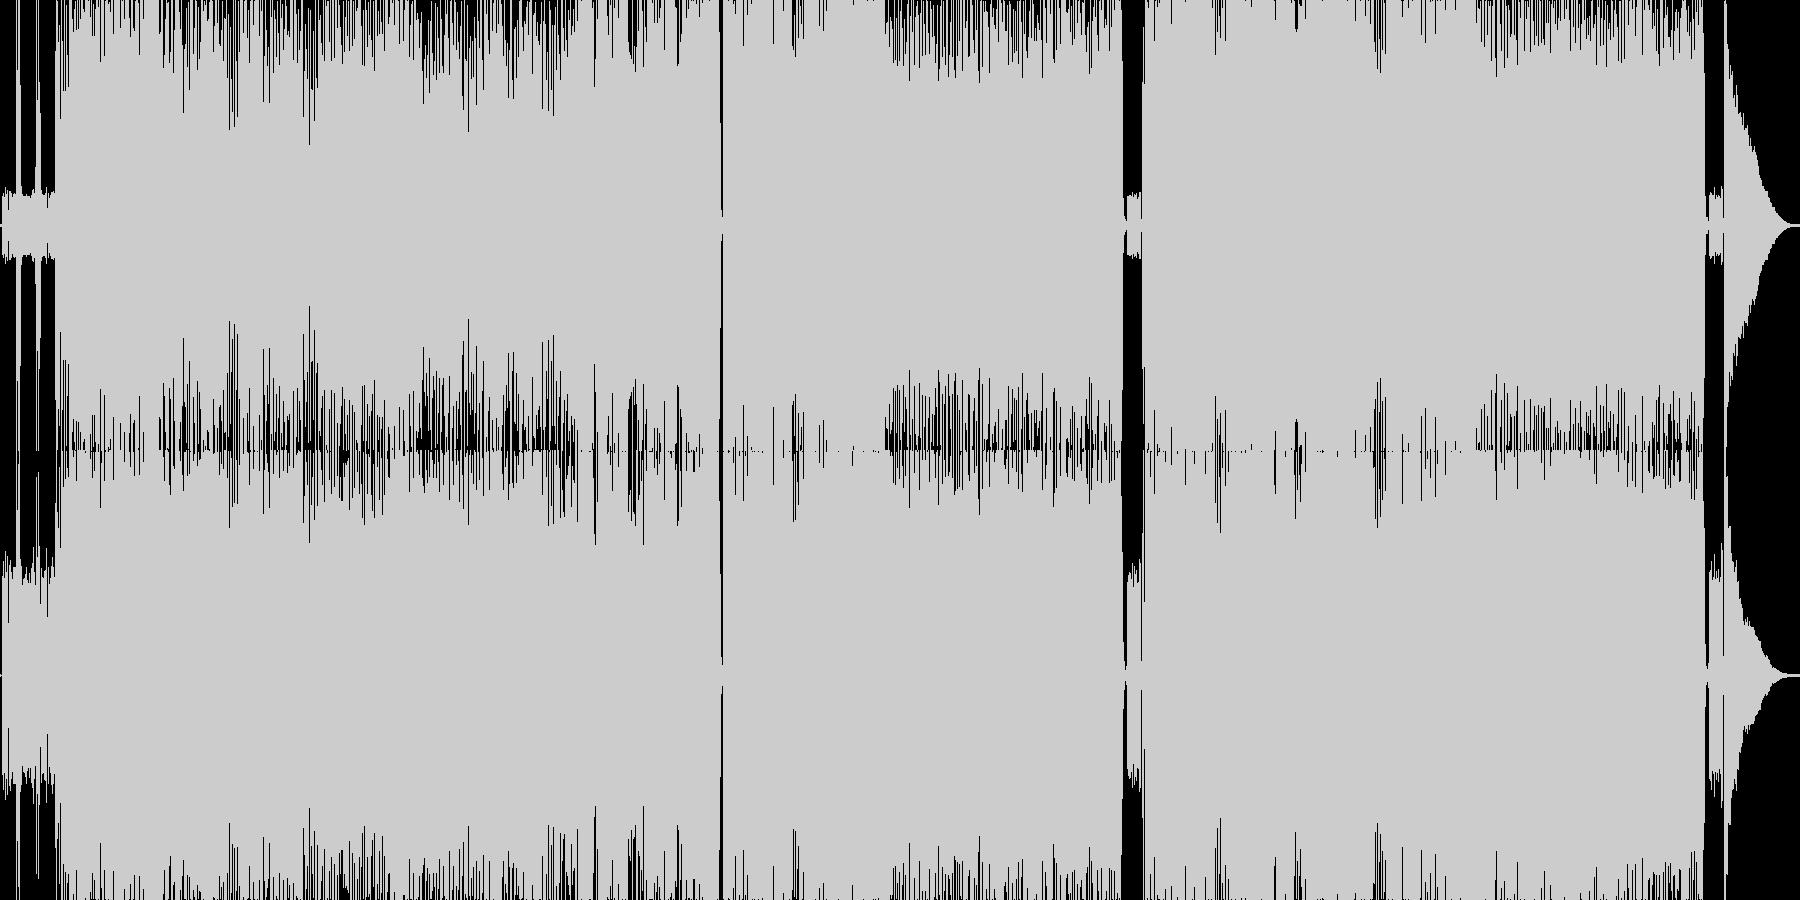 跳ね系のギターロックの未再生の波形